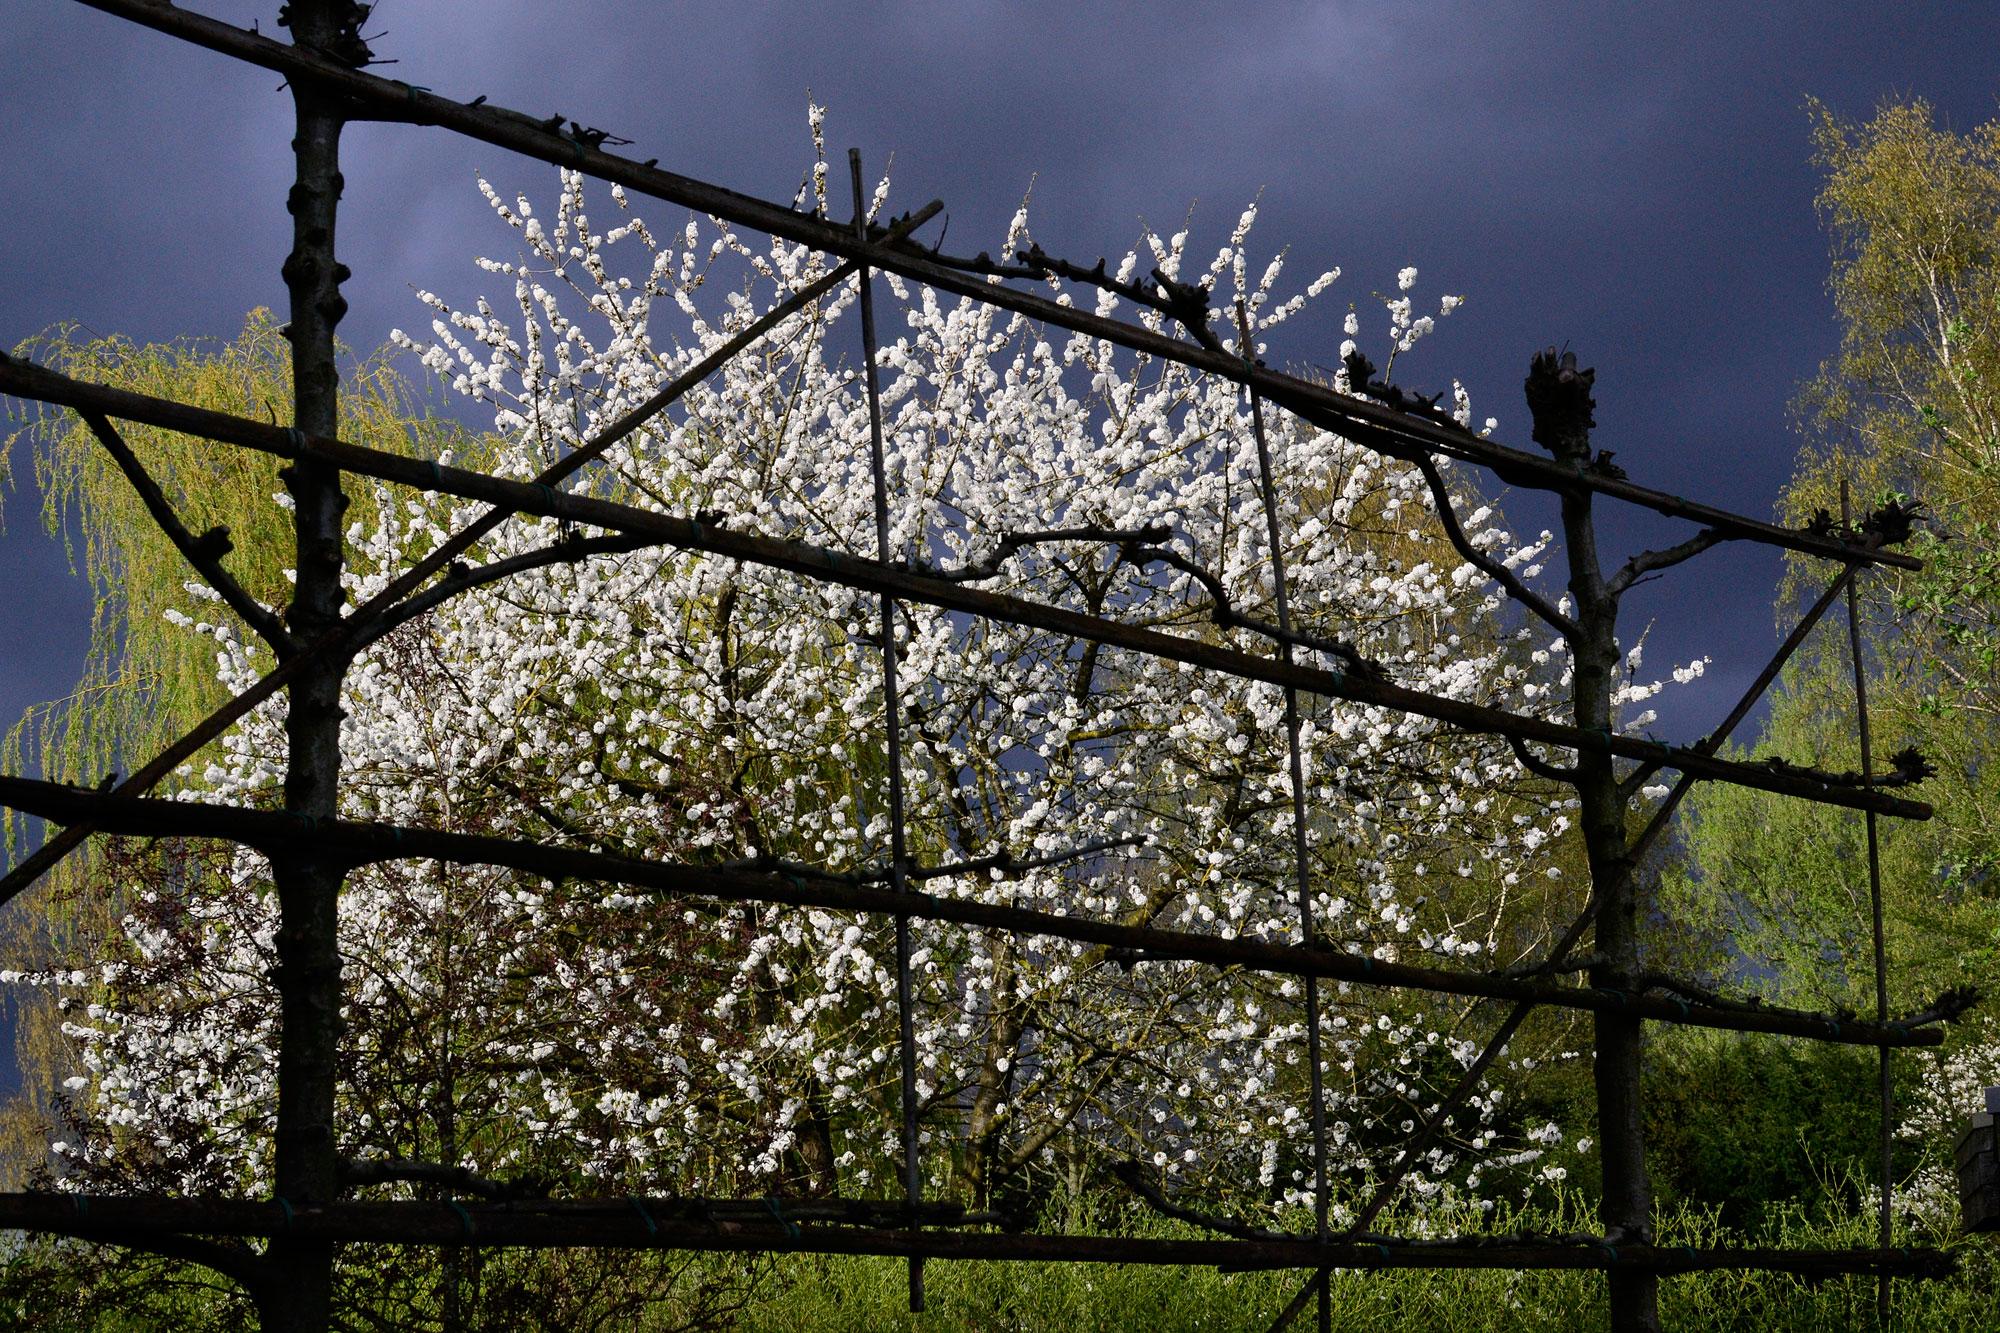 Blossoms against a dark sky